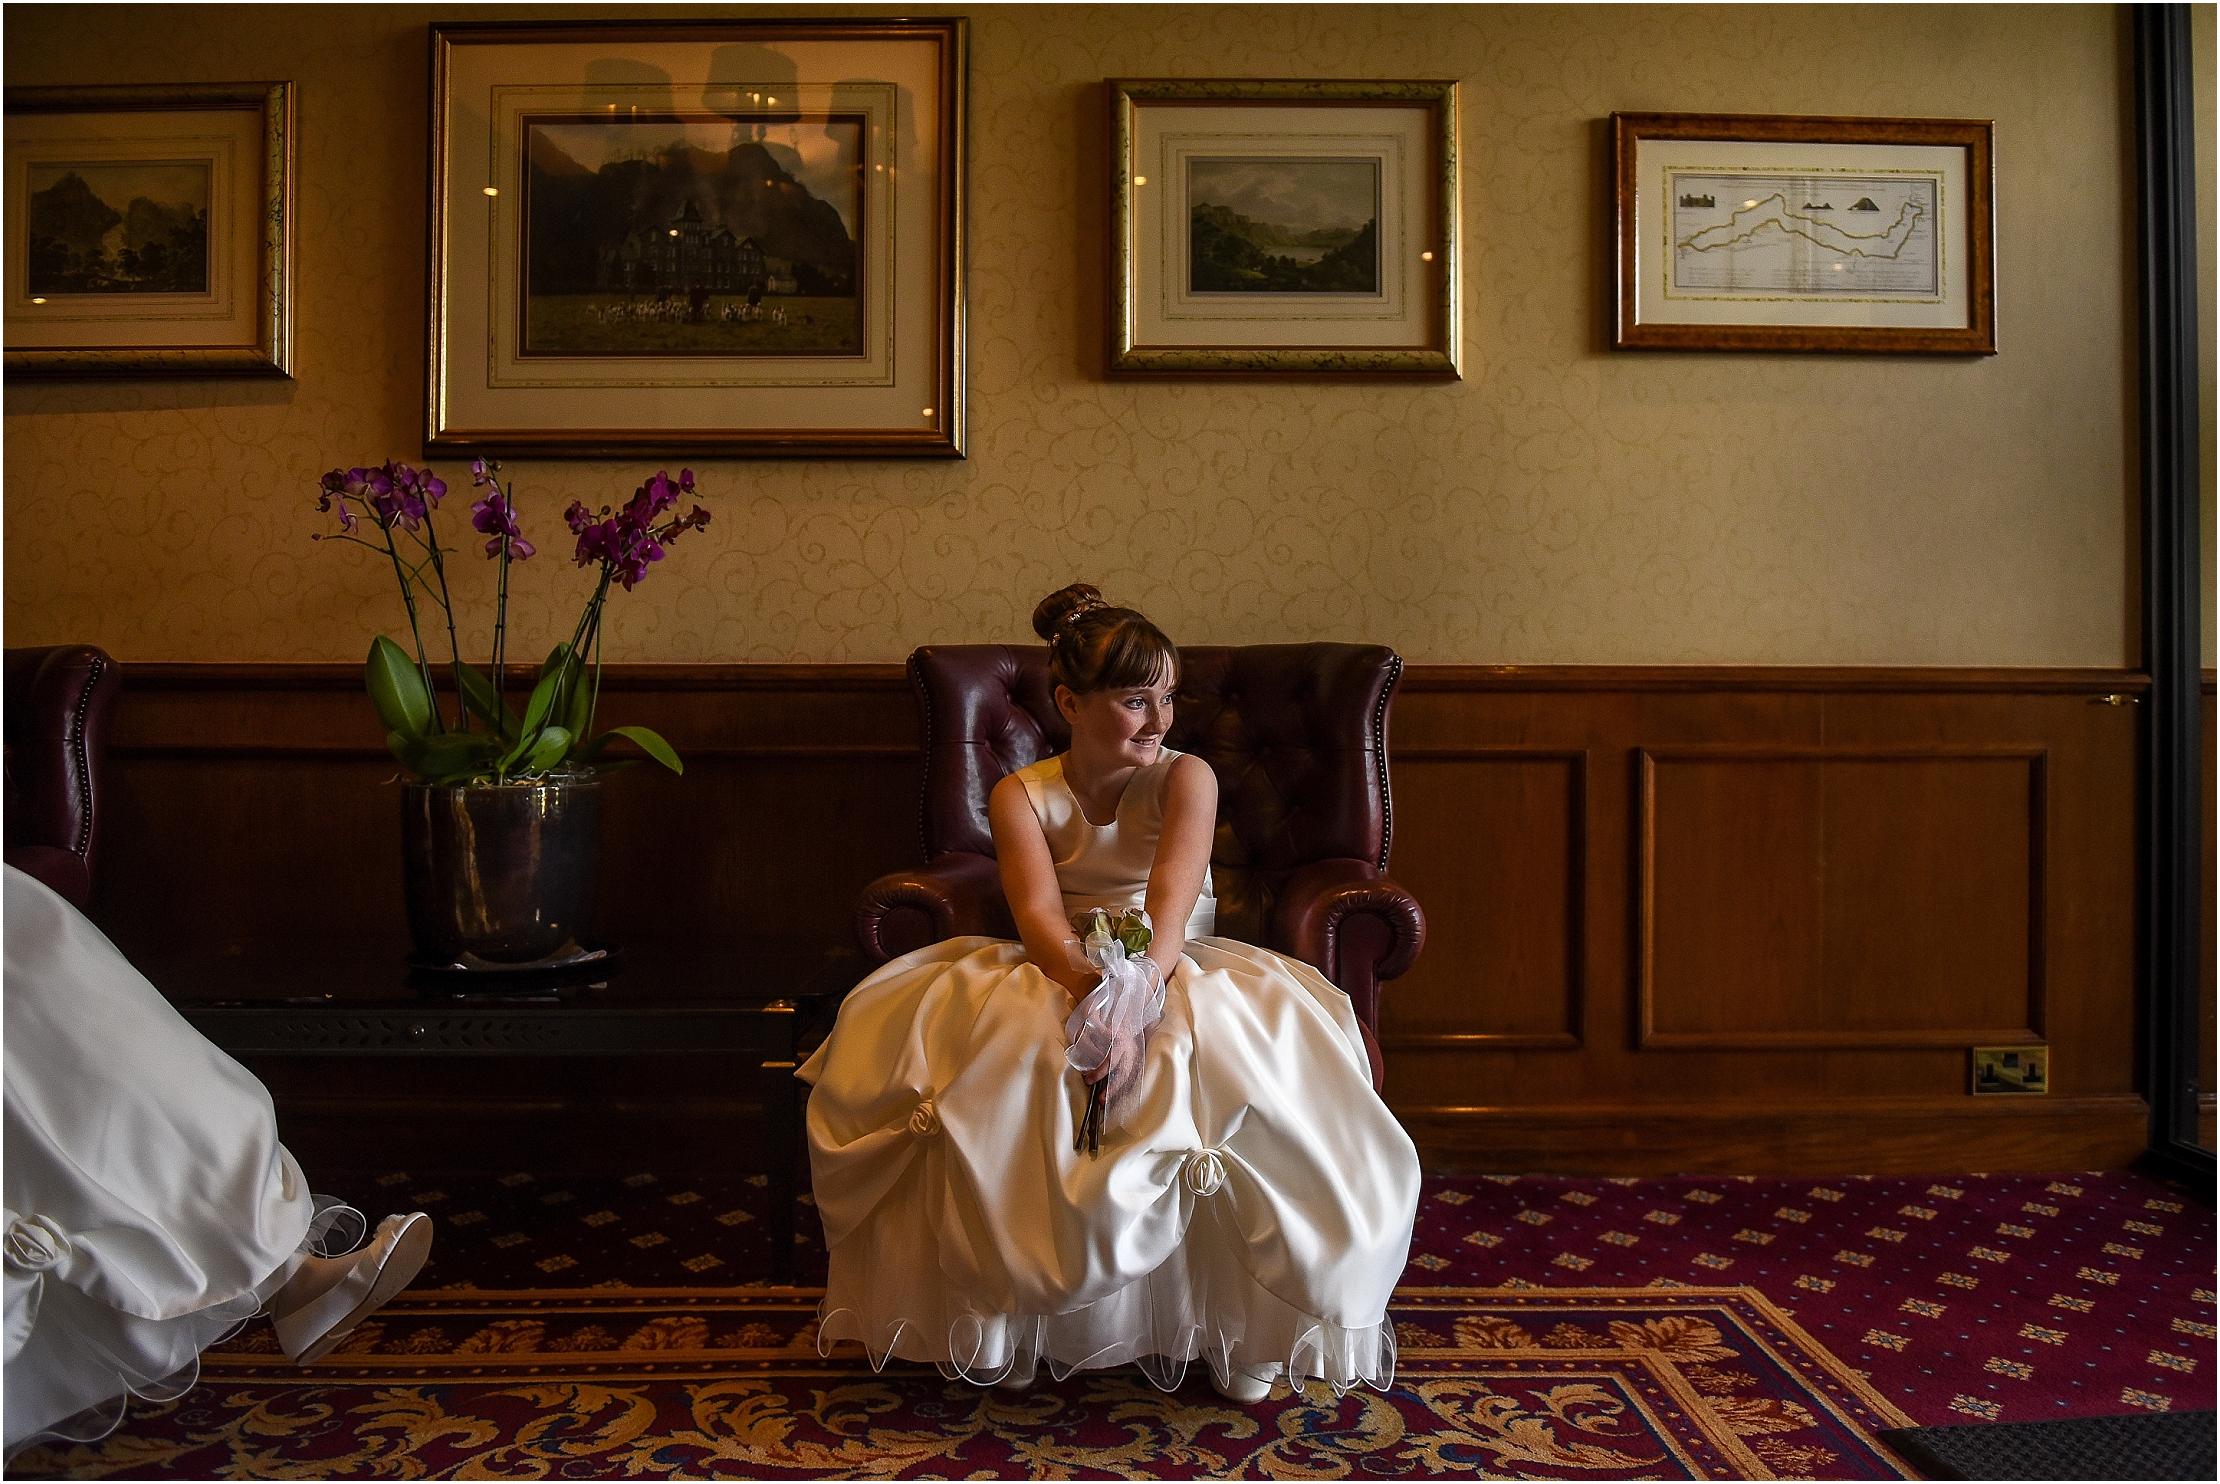 lodore-falls-hotel-wedding- 031.jpg